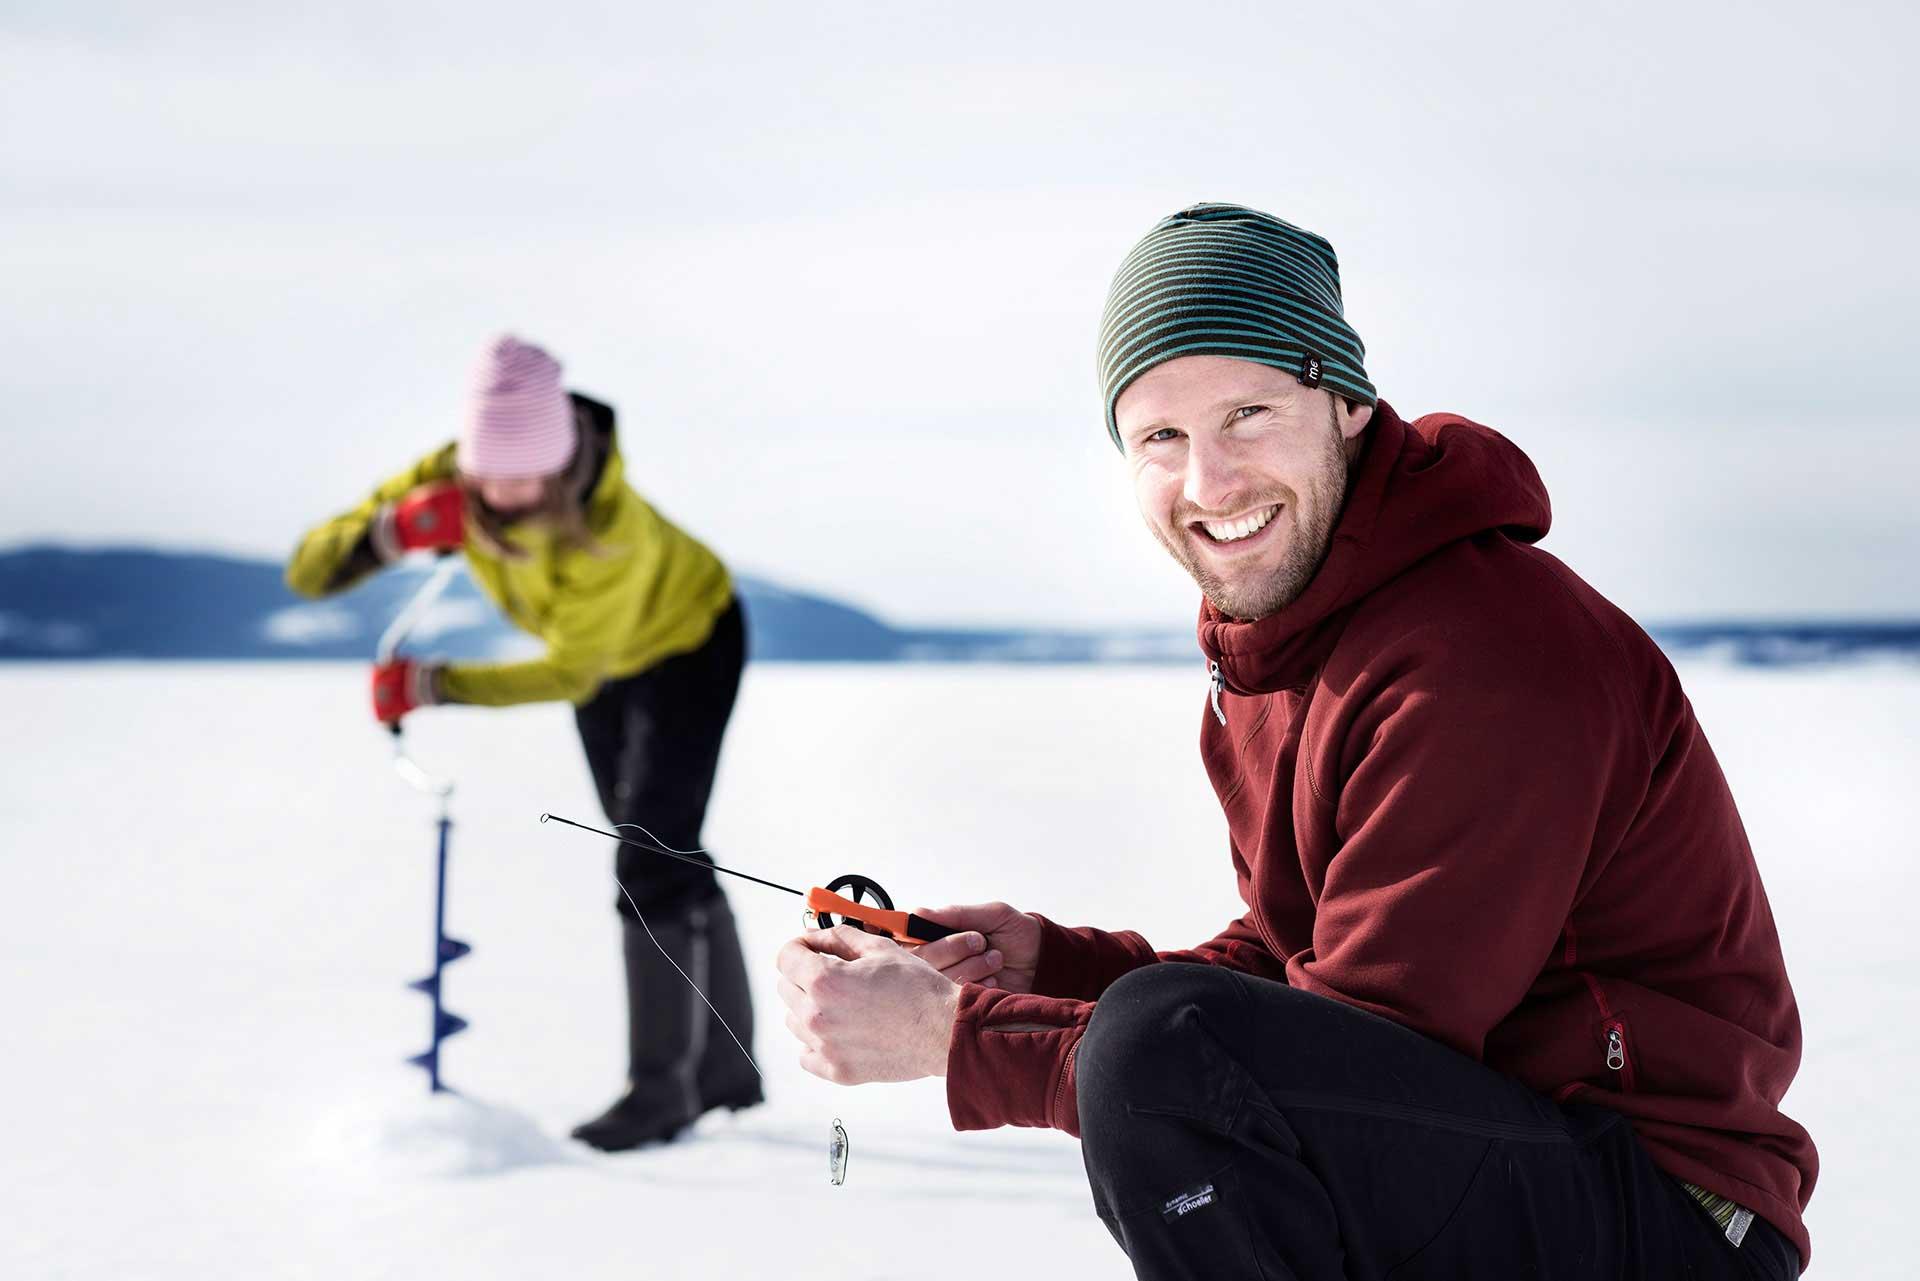 Pimpla – isfiske i Jämtland Härjedalen | Foto: Sandra Lee Pettersson